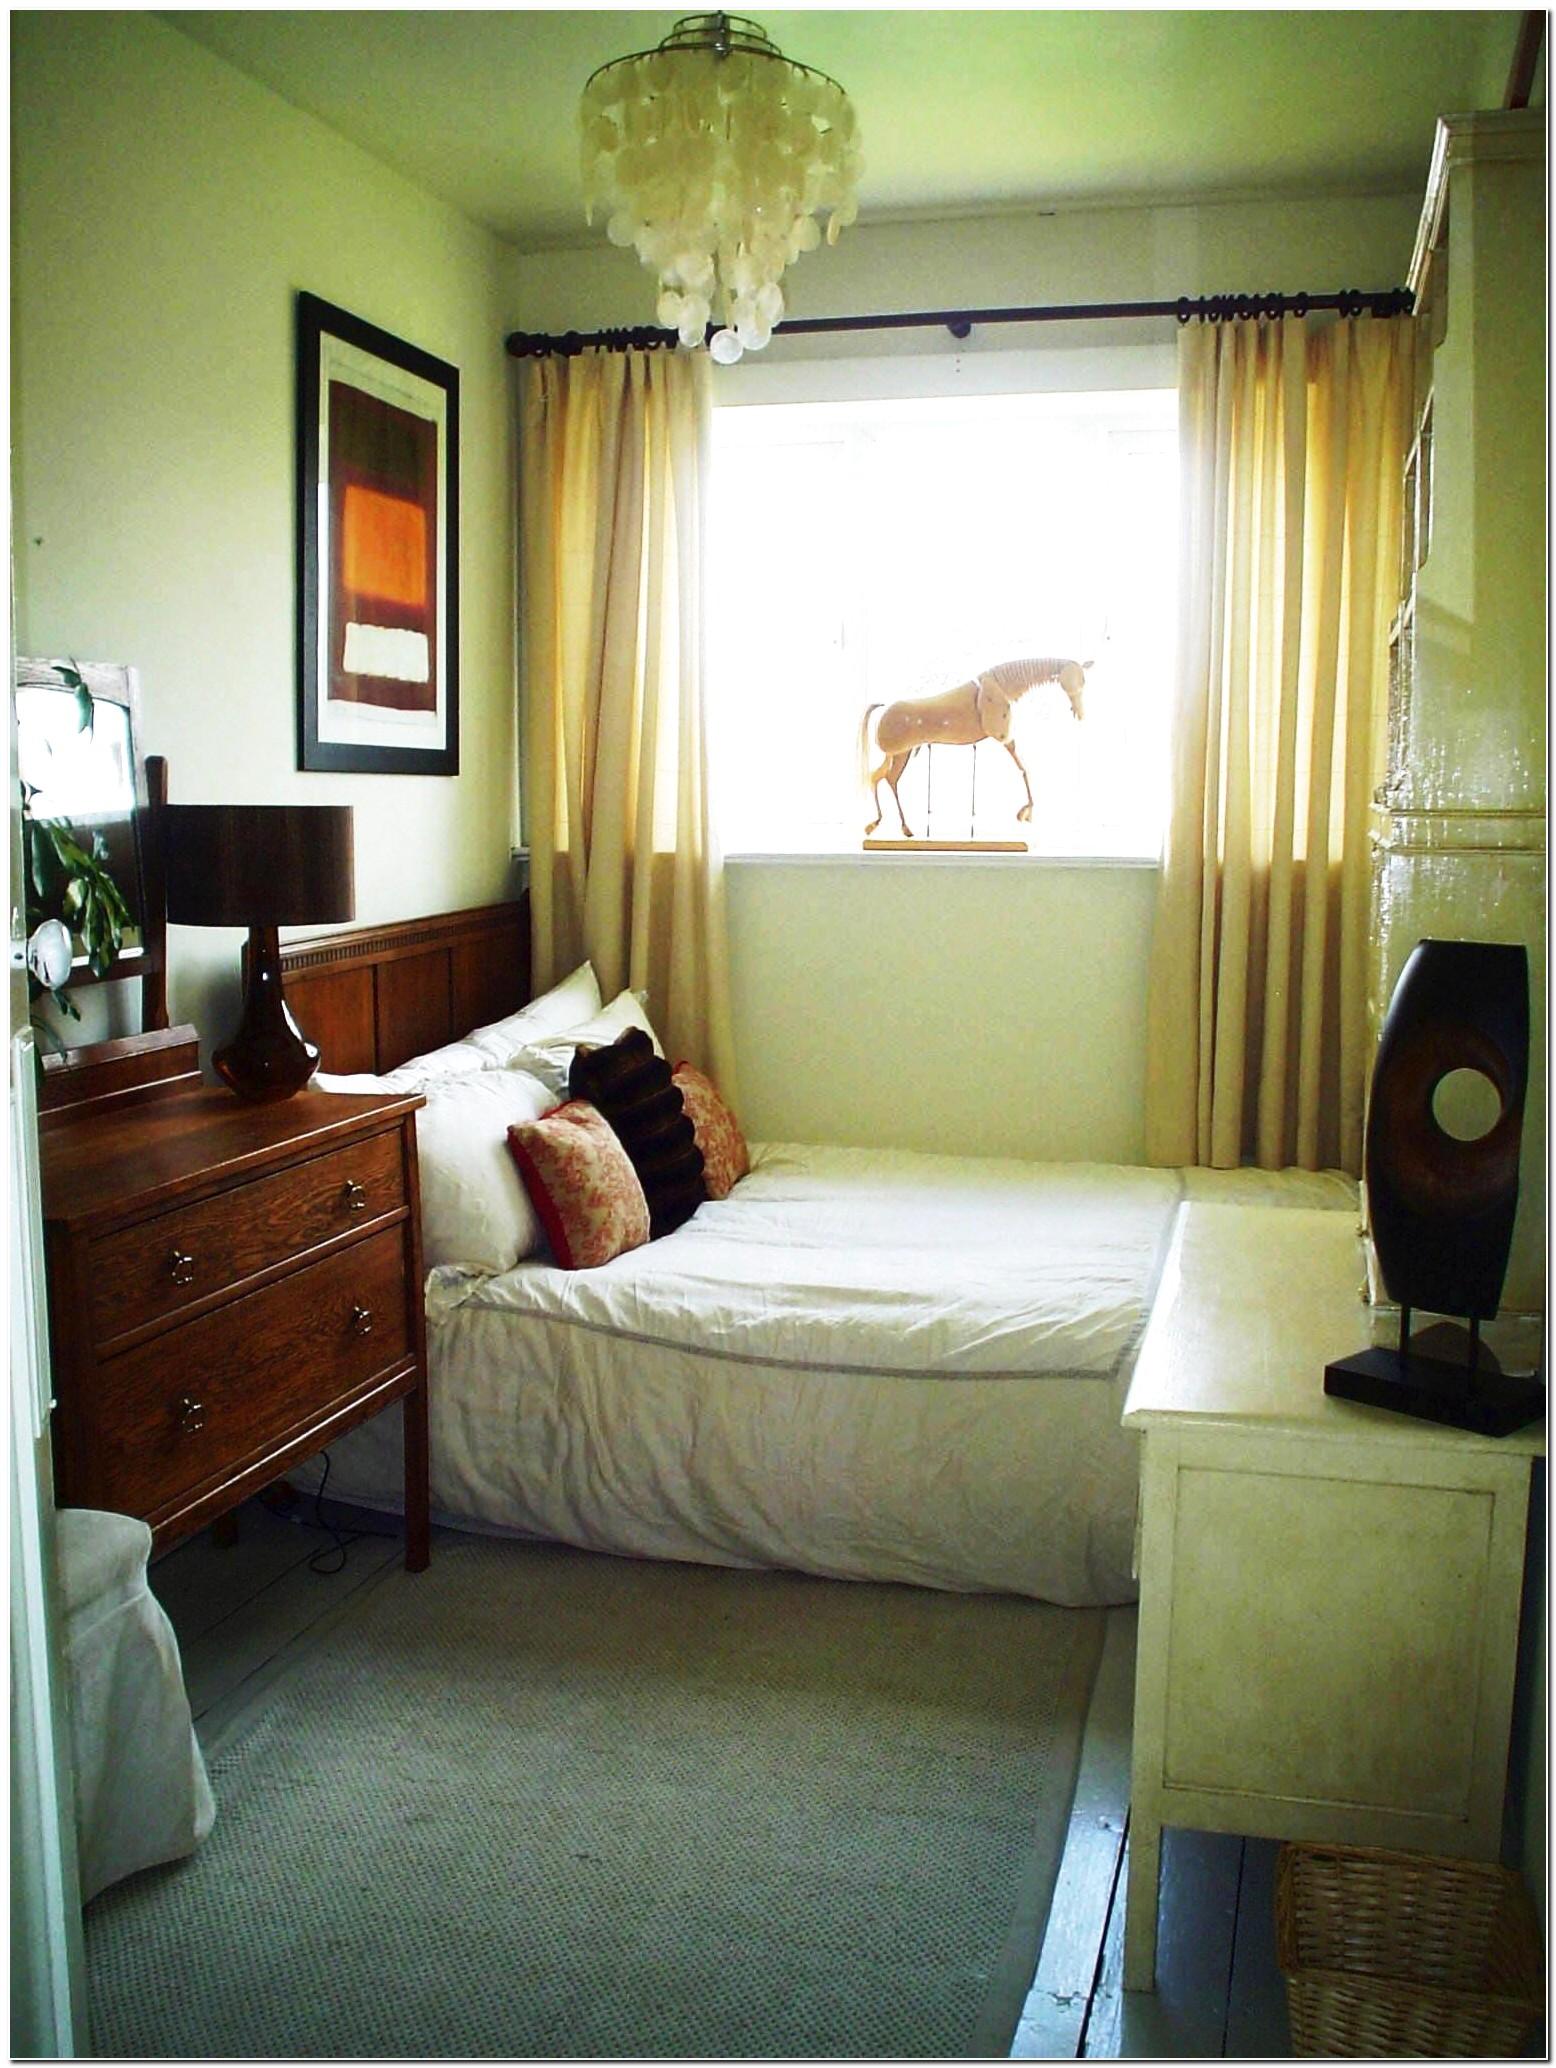 Как сделать уютной маленькую комнату 5